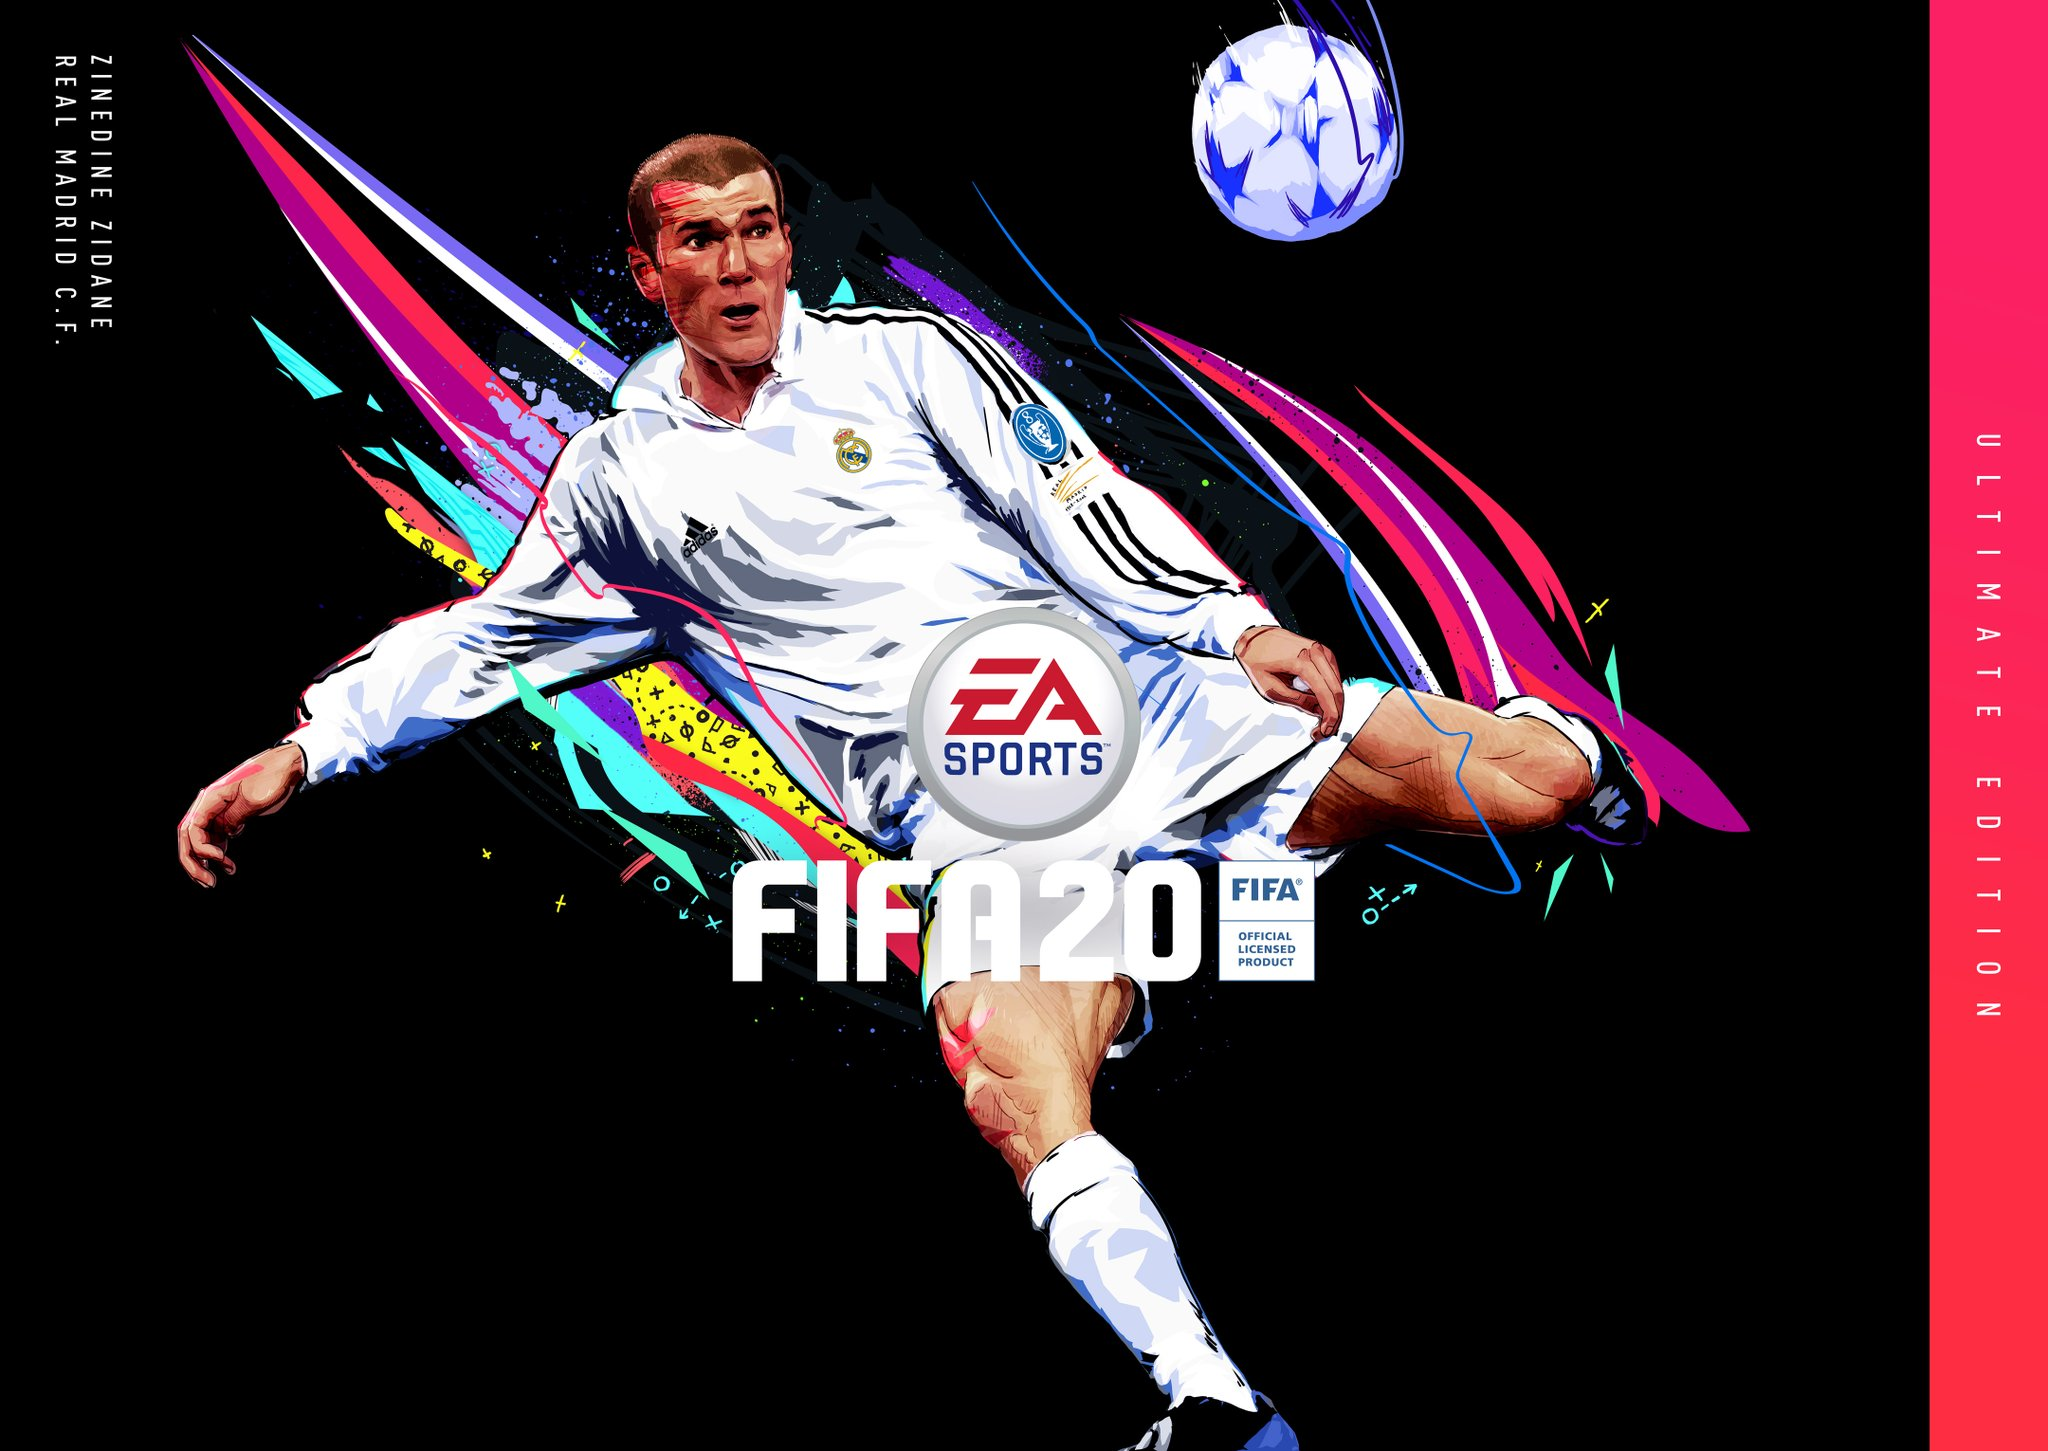 齐祖出征!齐达内登《FIFA20》终极版封面并加入UT模式